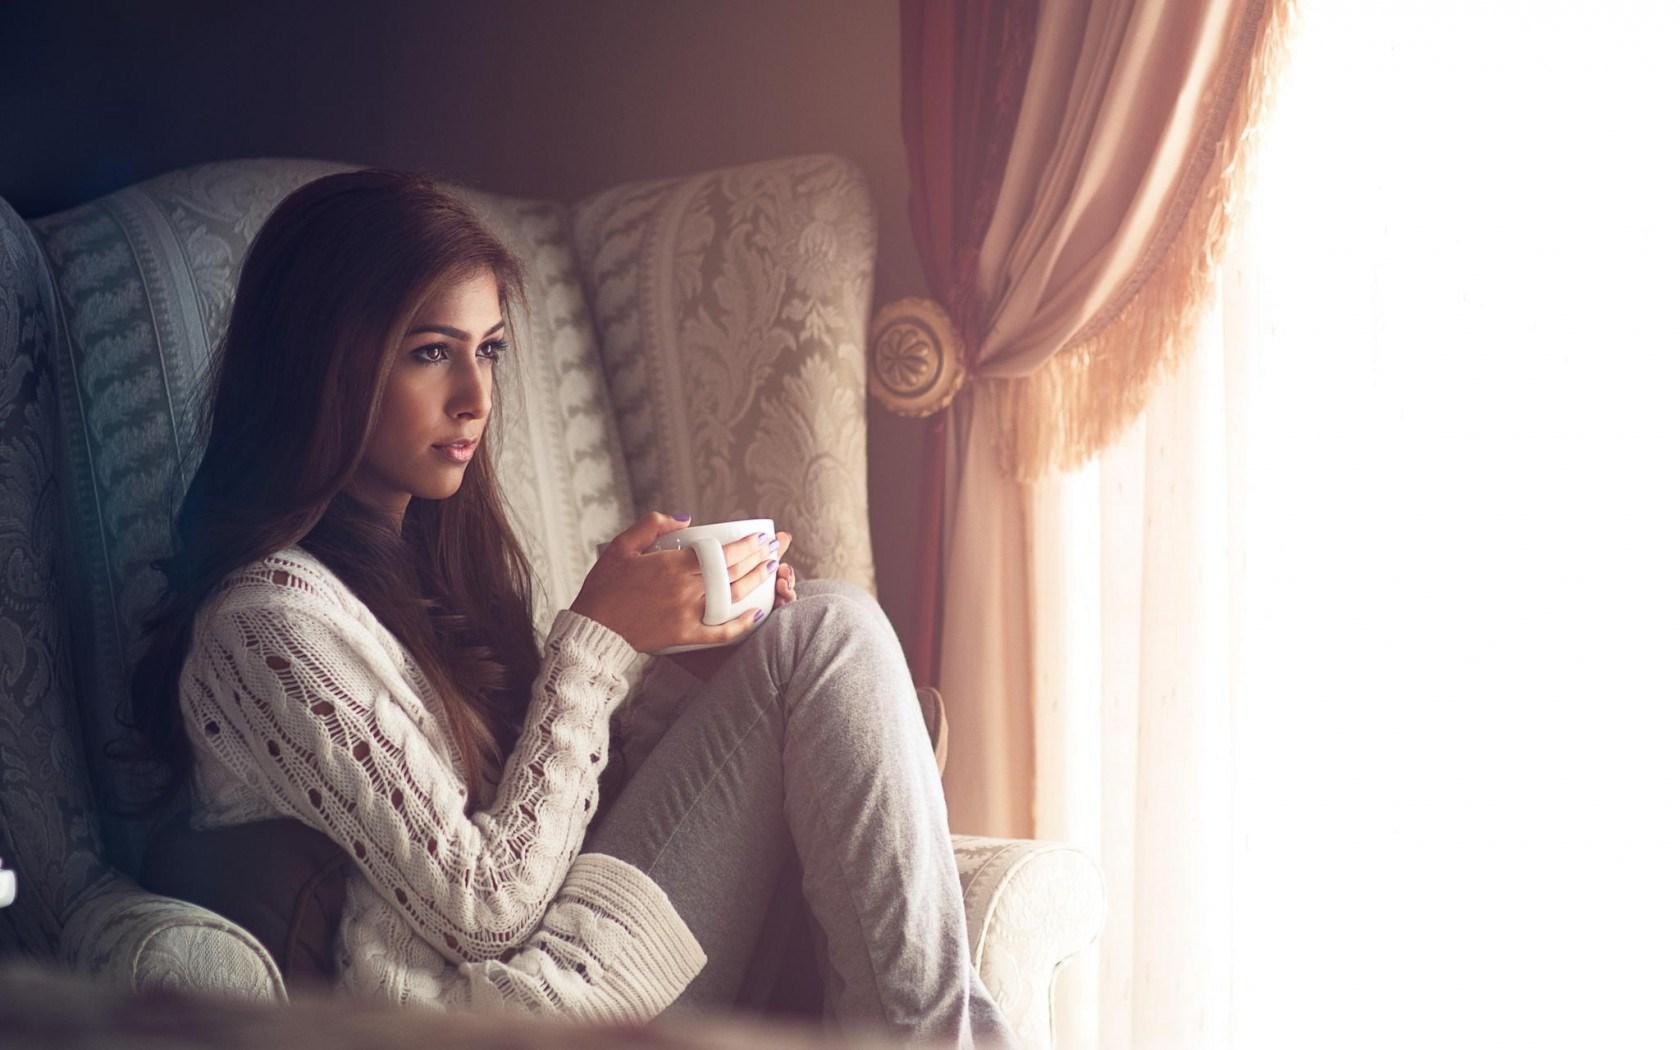 Как кофе воздействует на нервную систему человека и его психику